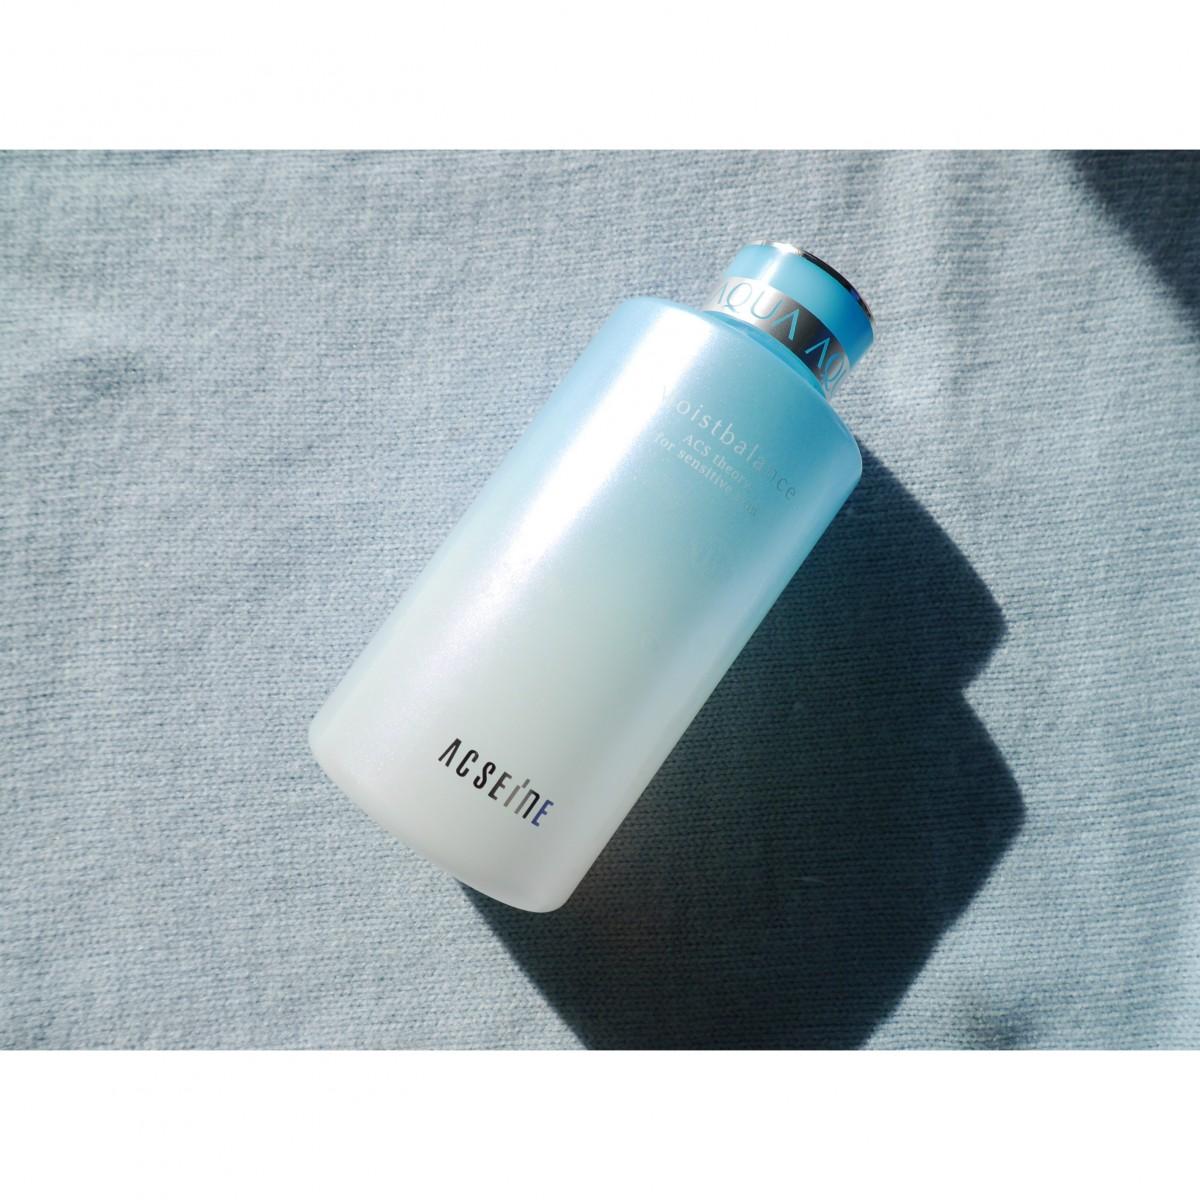 【乾燥肌もやみつきの手触りに♡】べスコスランクインの高浸透化粧水を愛用中!